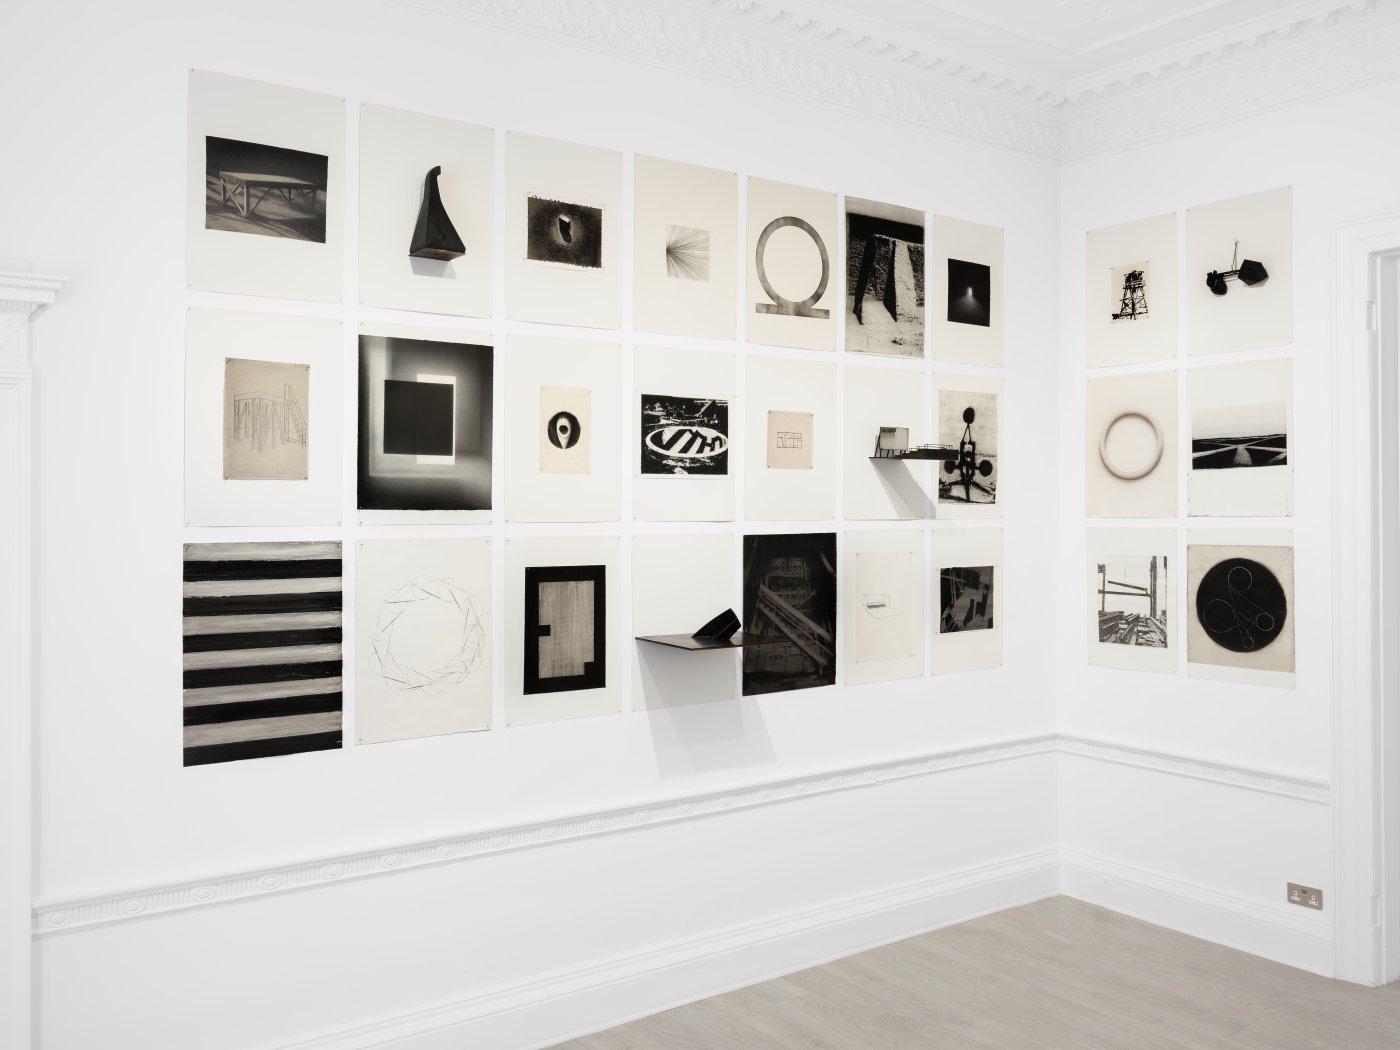 Cardi Gallery London Marco Tirelli 2